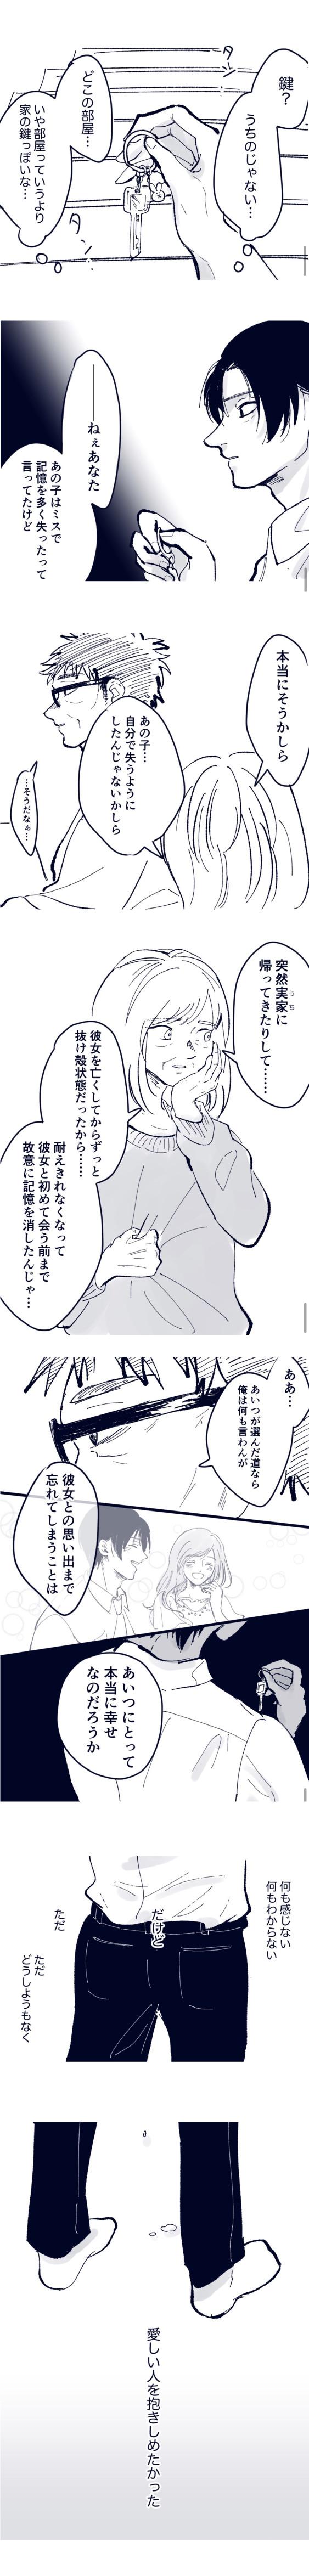 ett_2.jpg